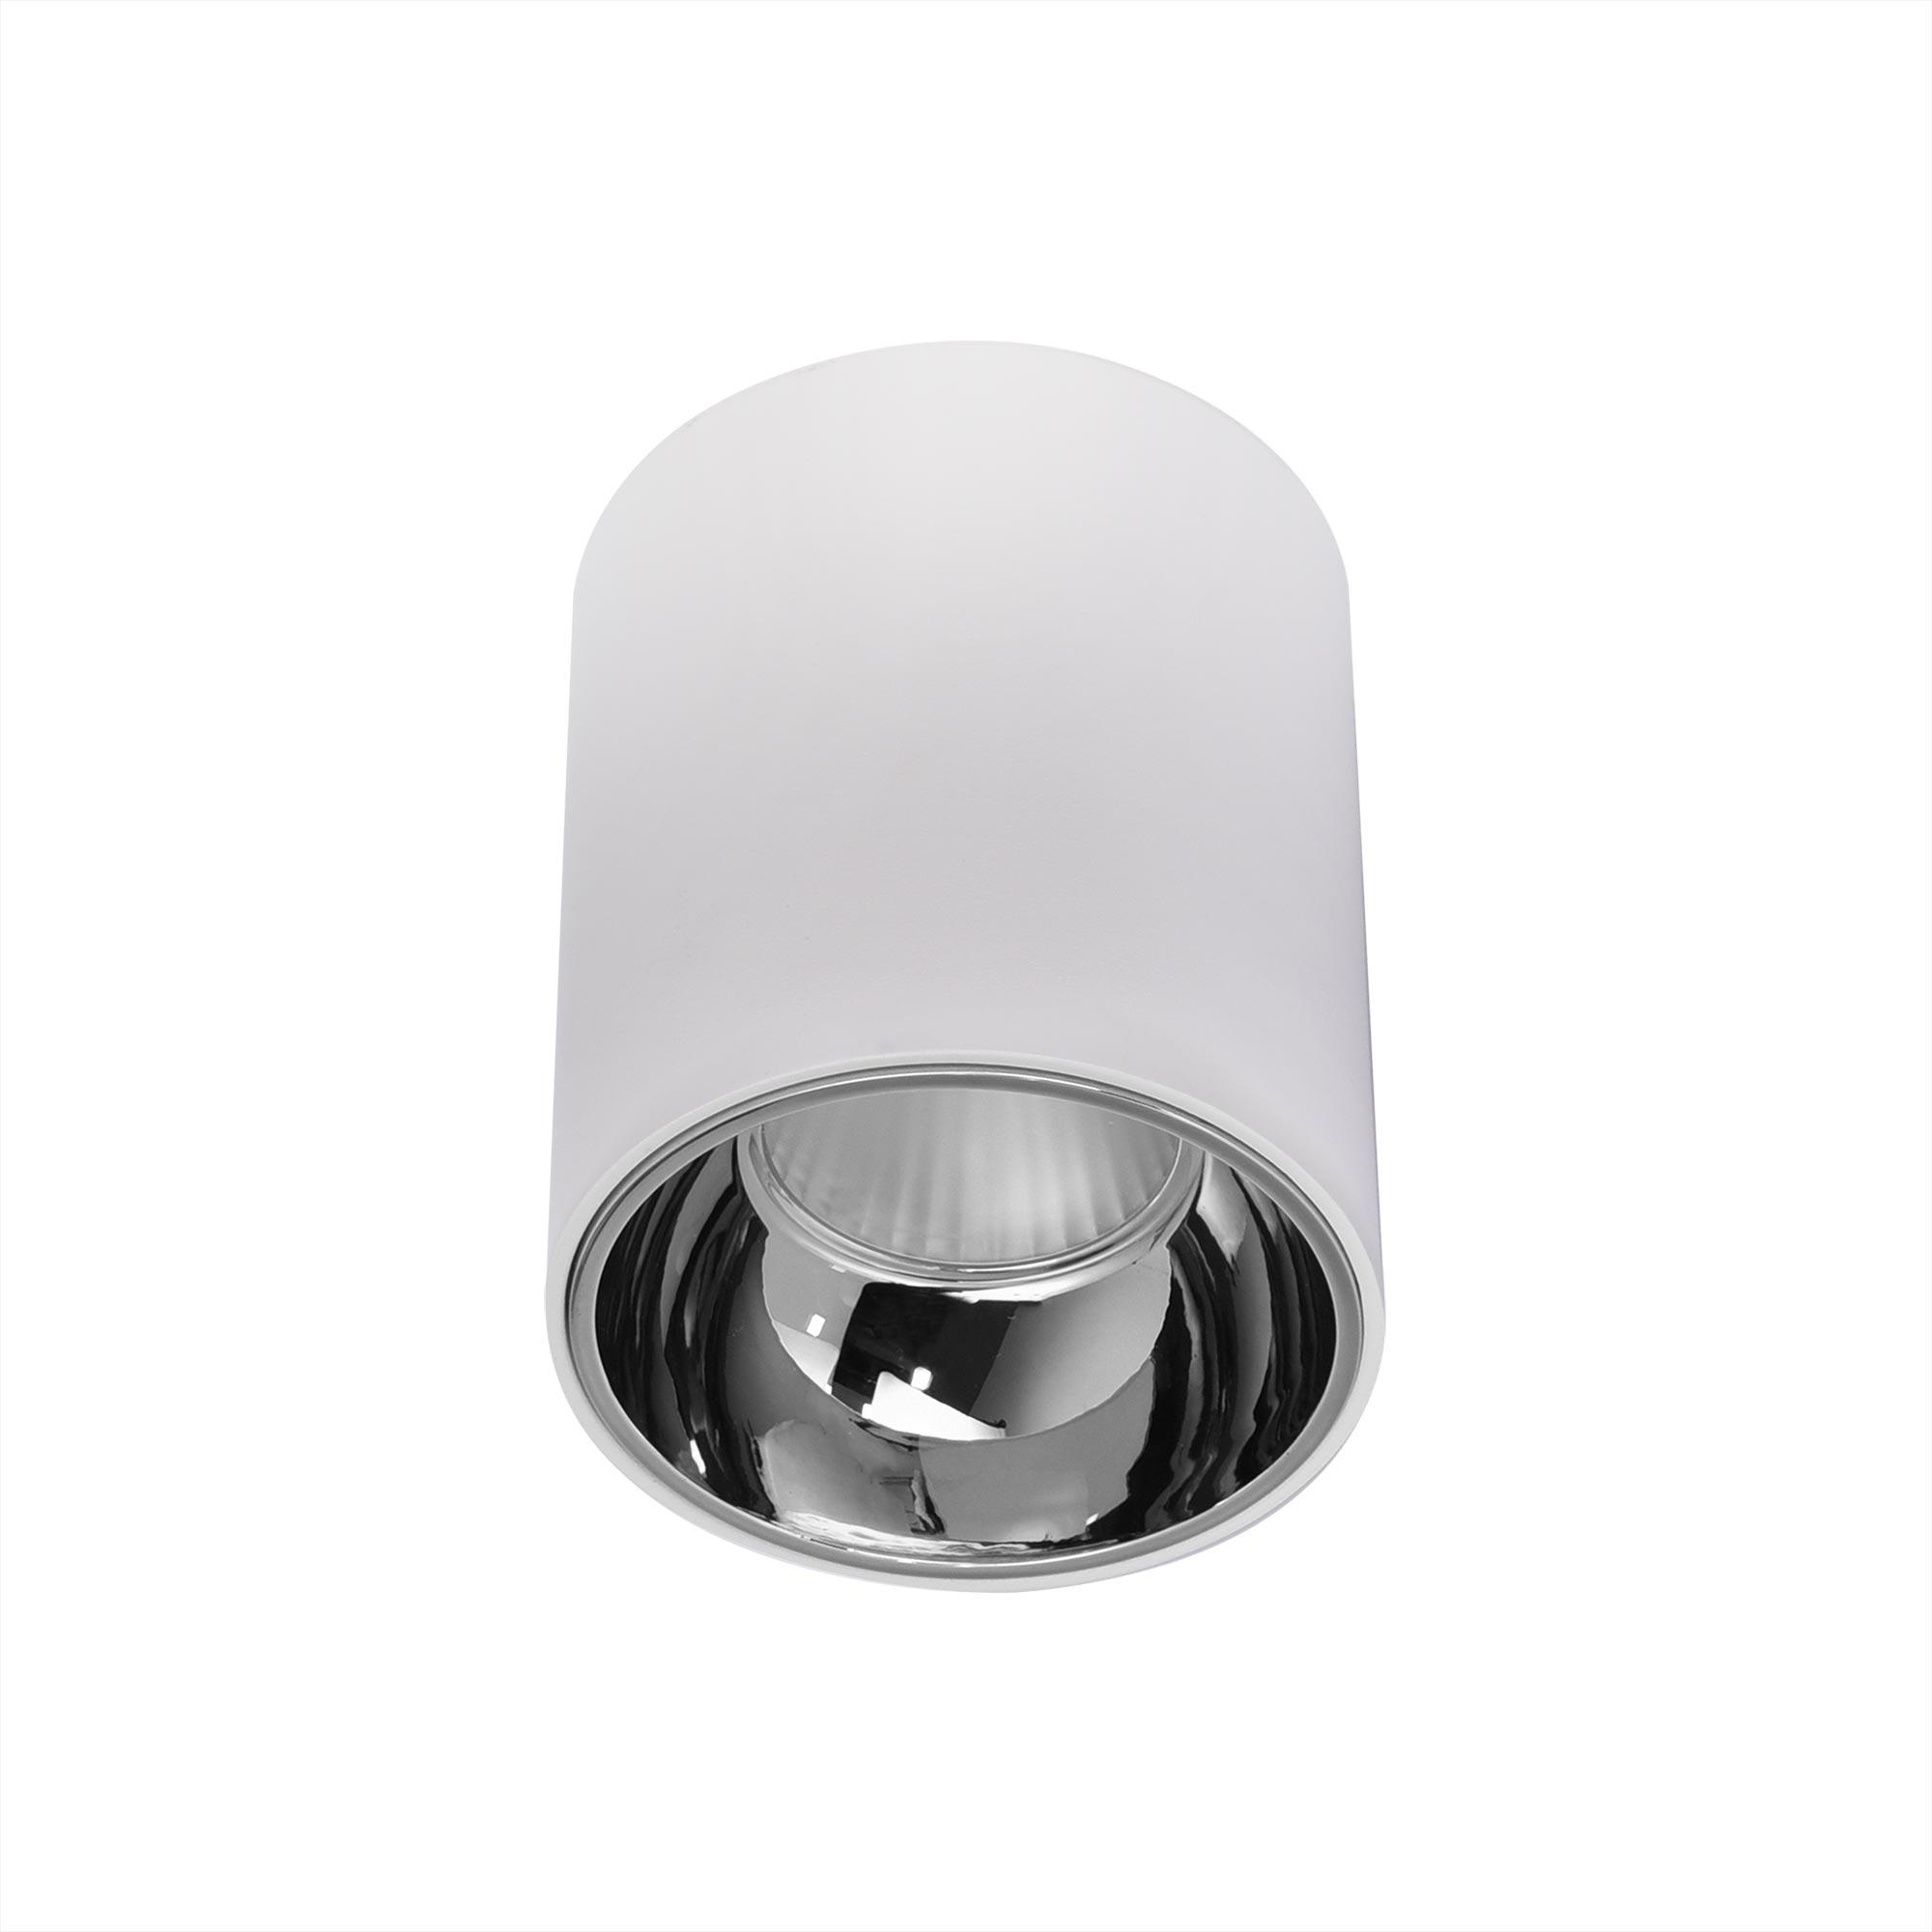 Настенно-потолочный светодиодный светильник Citilux cl7440102 старк 12wх3500k